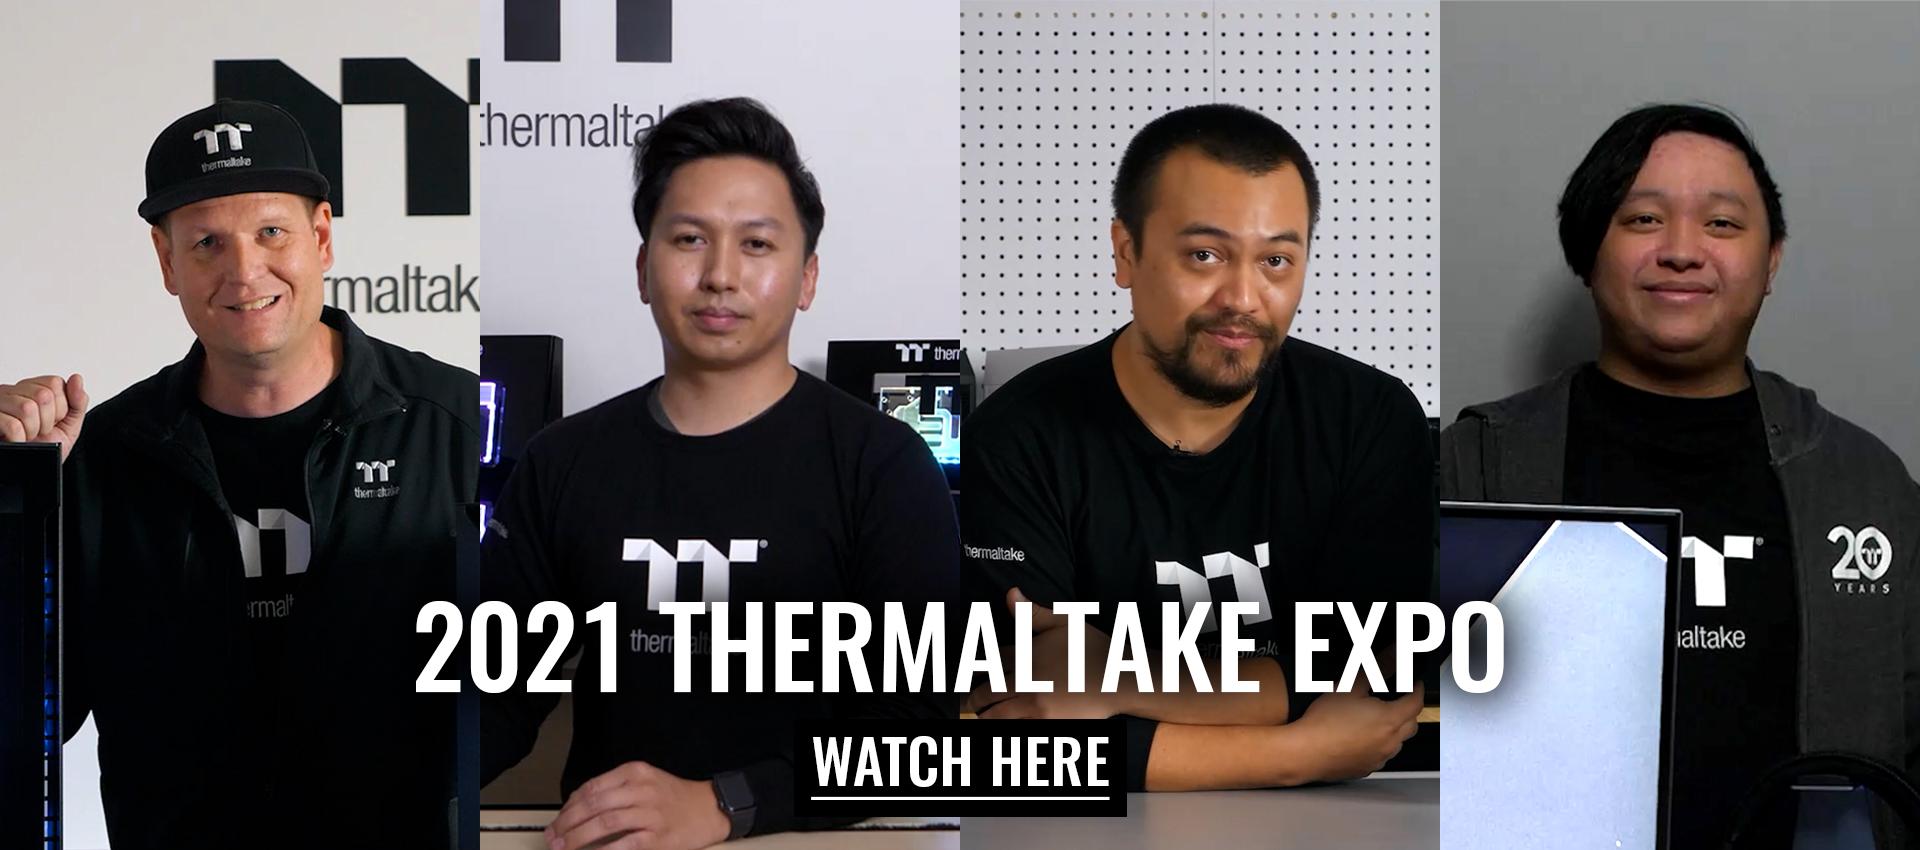 2021 Thermaltake Expo